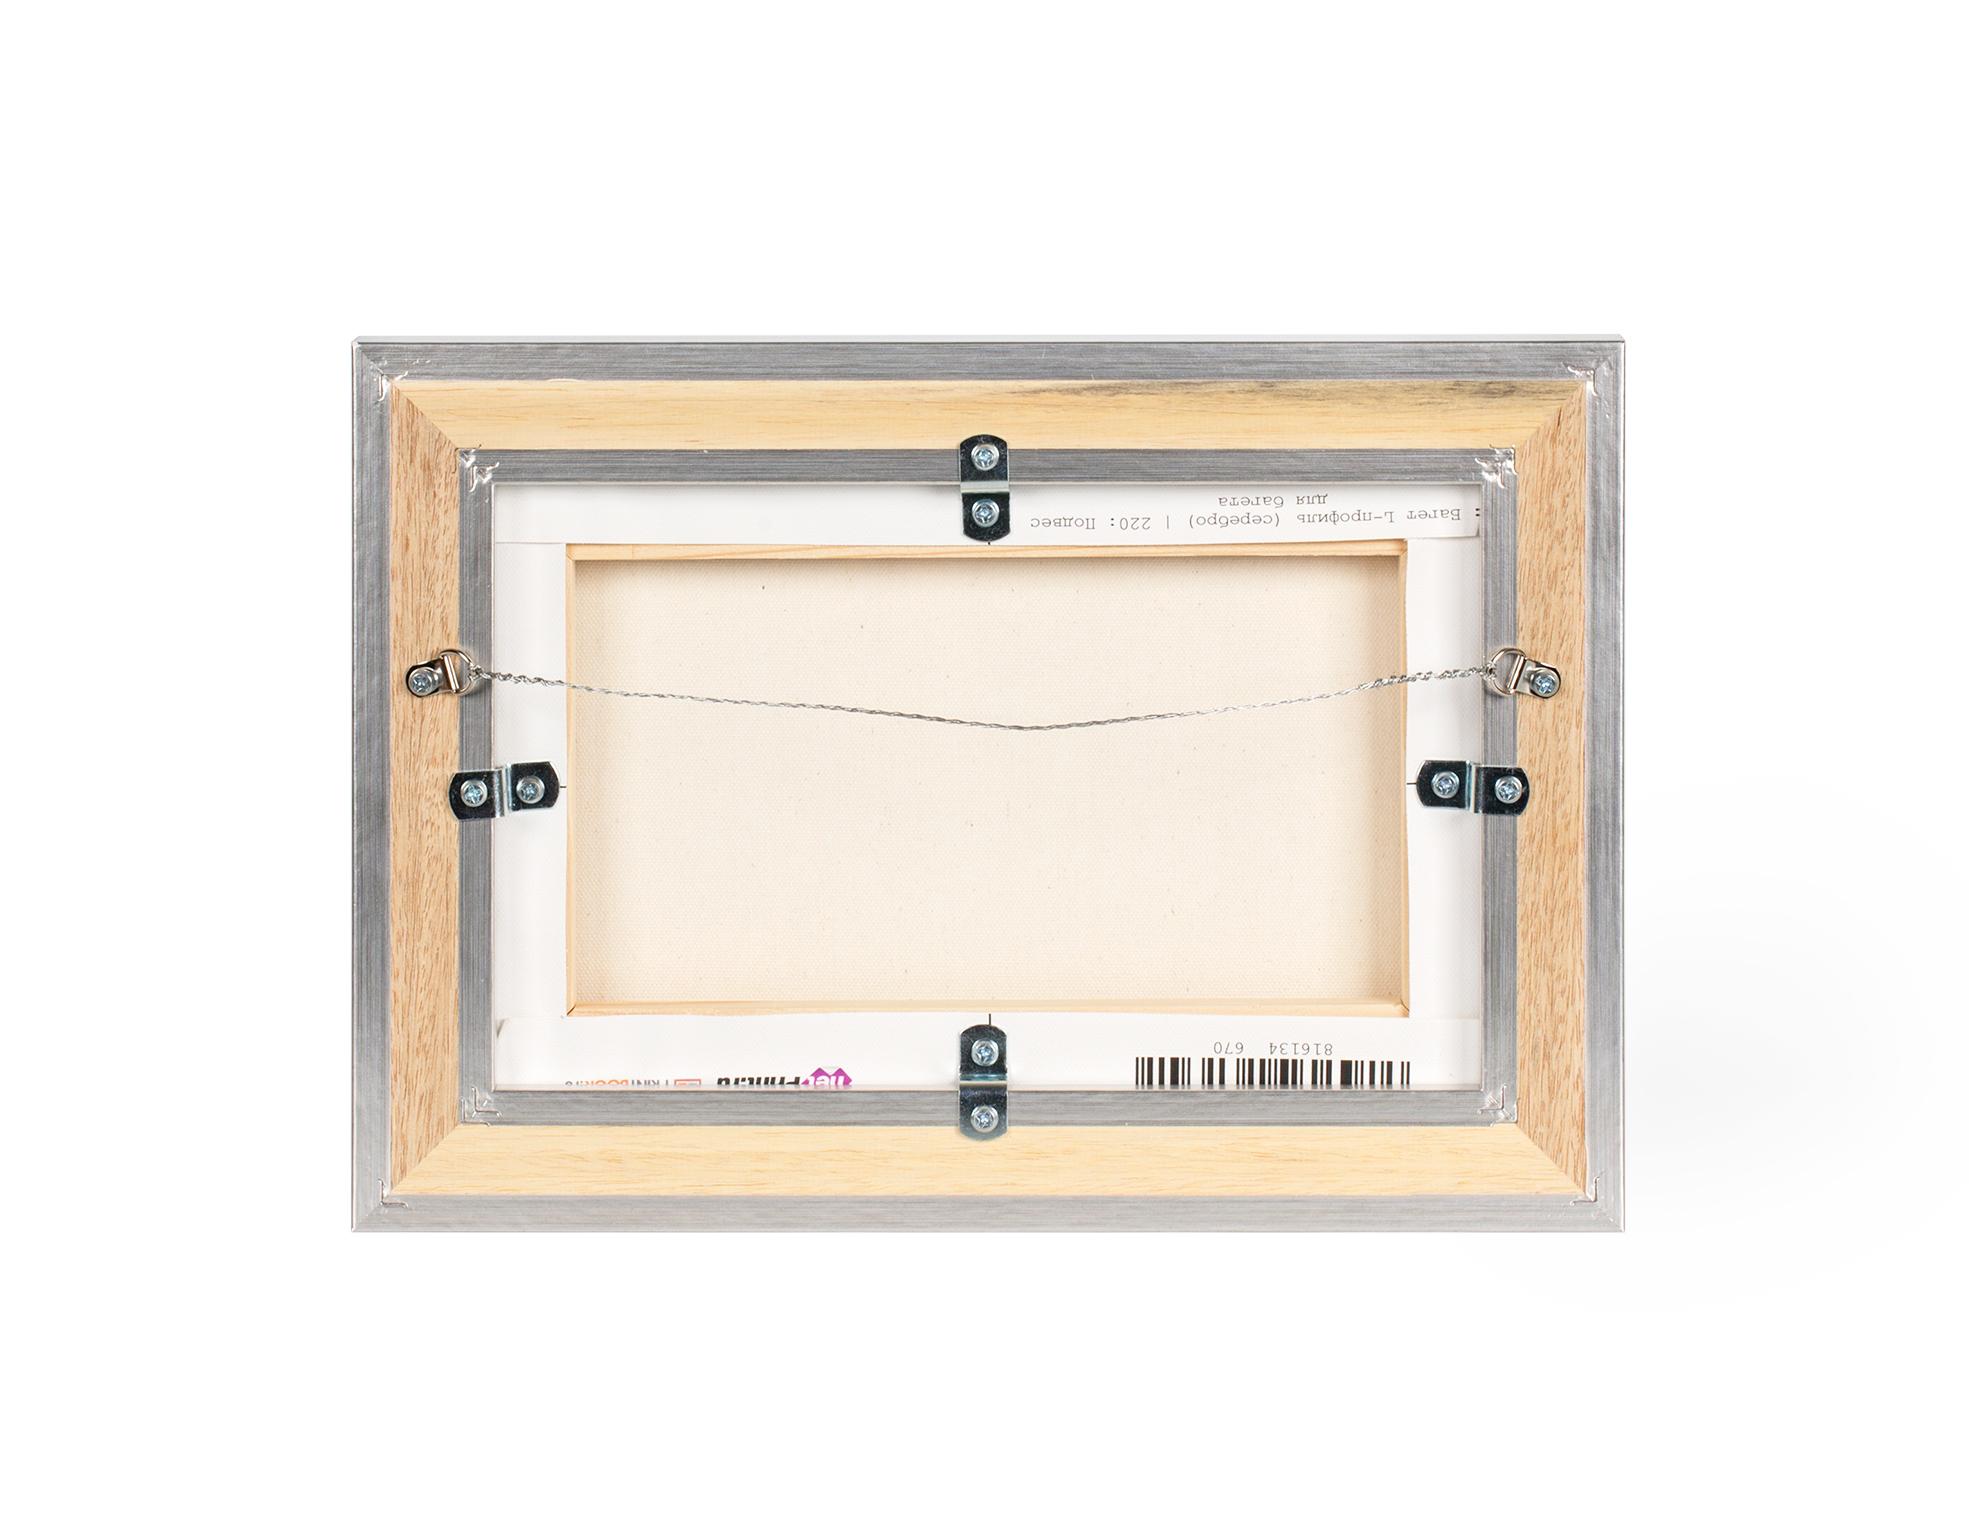 Фотография на холсте: цена на печать фотохолстов в NetPrint